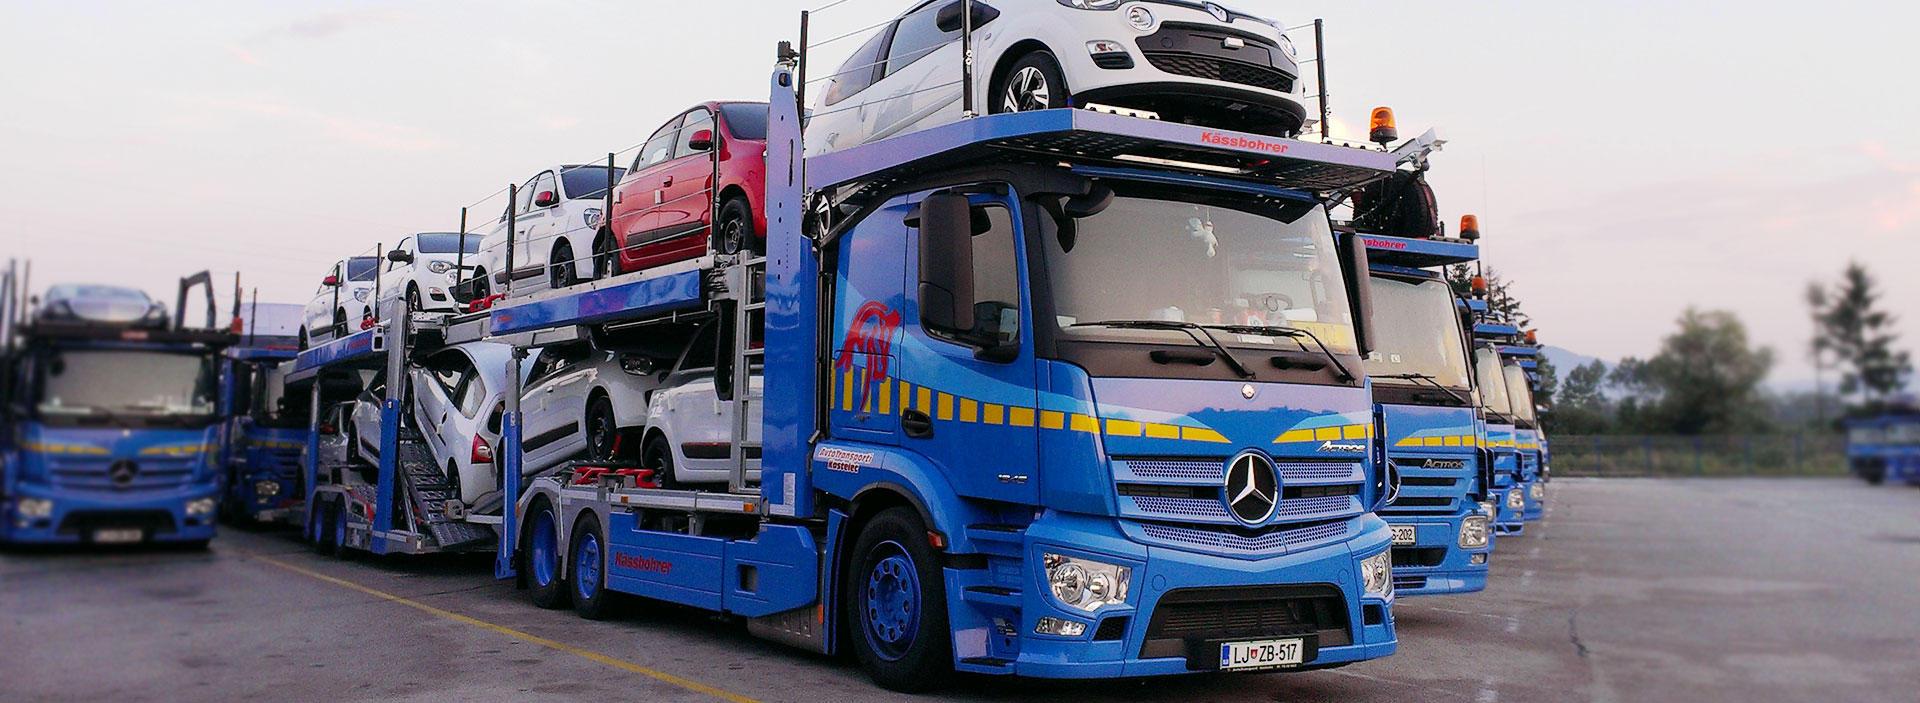 Prevozi vozil Nudimo vam prevoze vseh vrst vozil. Preberi več